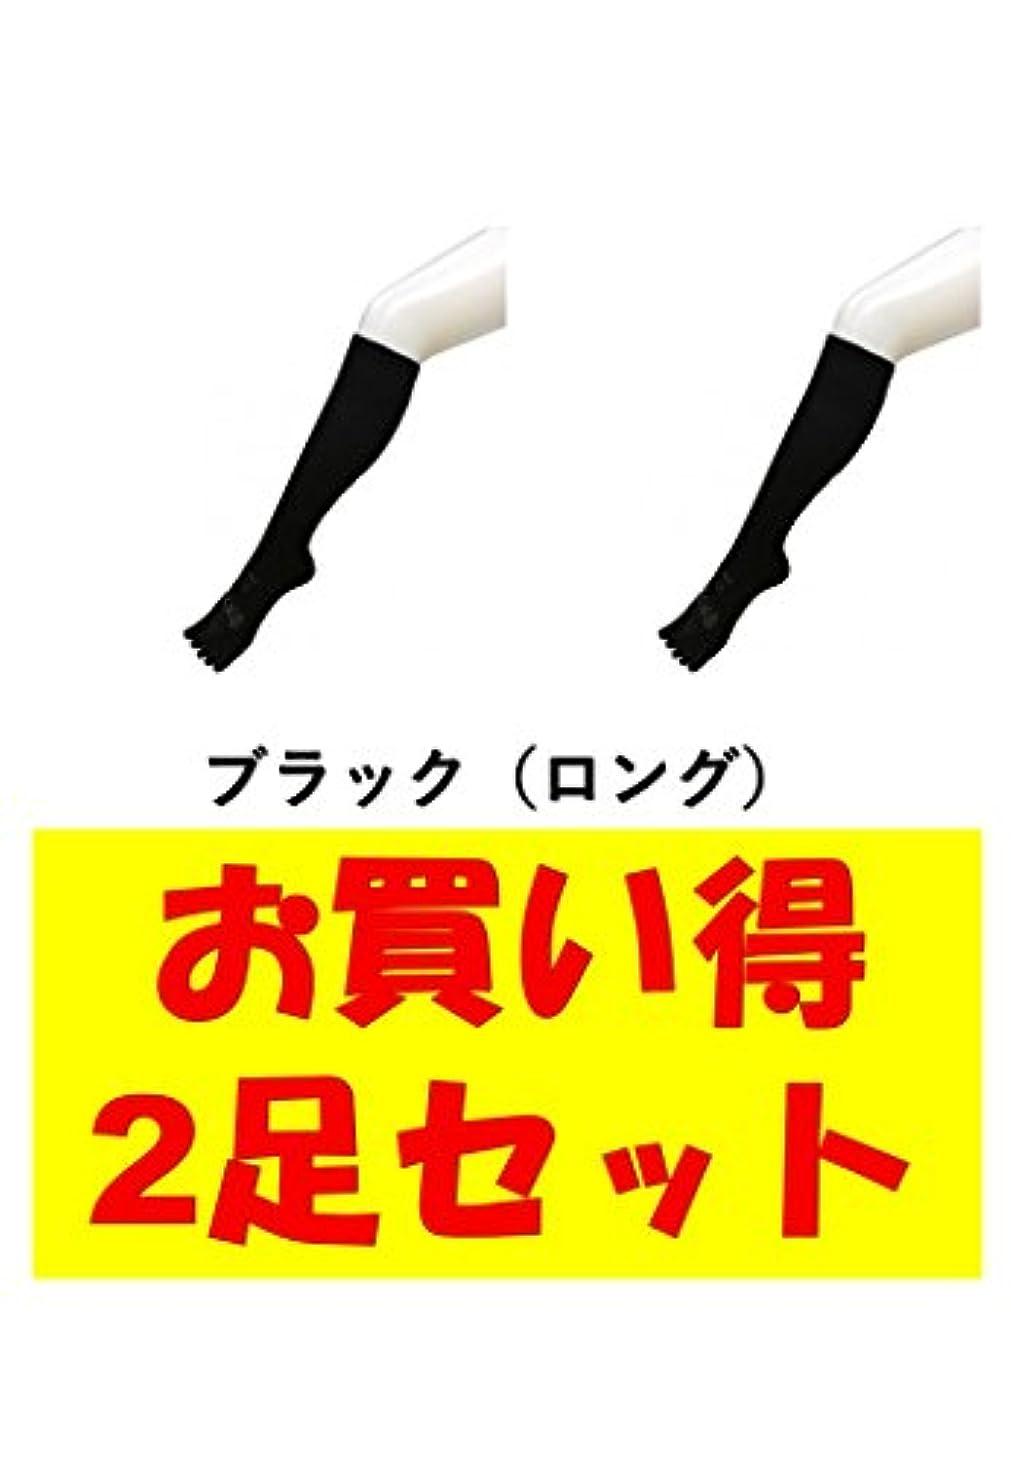 実現可能性失敗肌寒いお買い得2足セット 5本指 ゆびのばソックス ゆびのばロング ブラック 女性用 22.0cm-25.5cm HSLONG-BLK